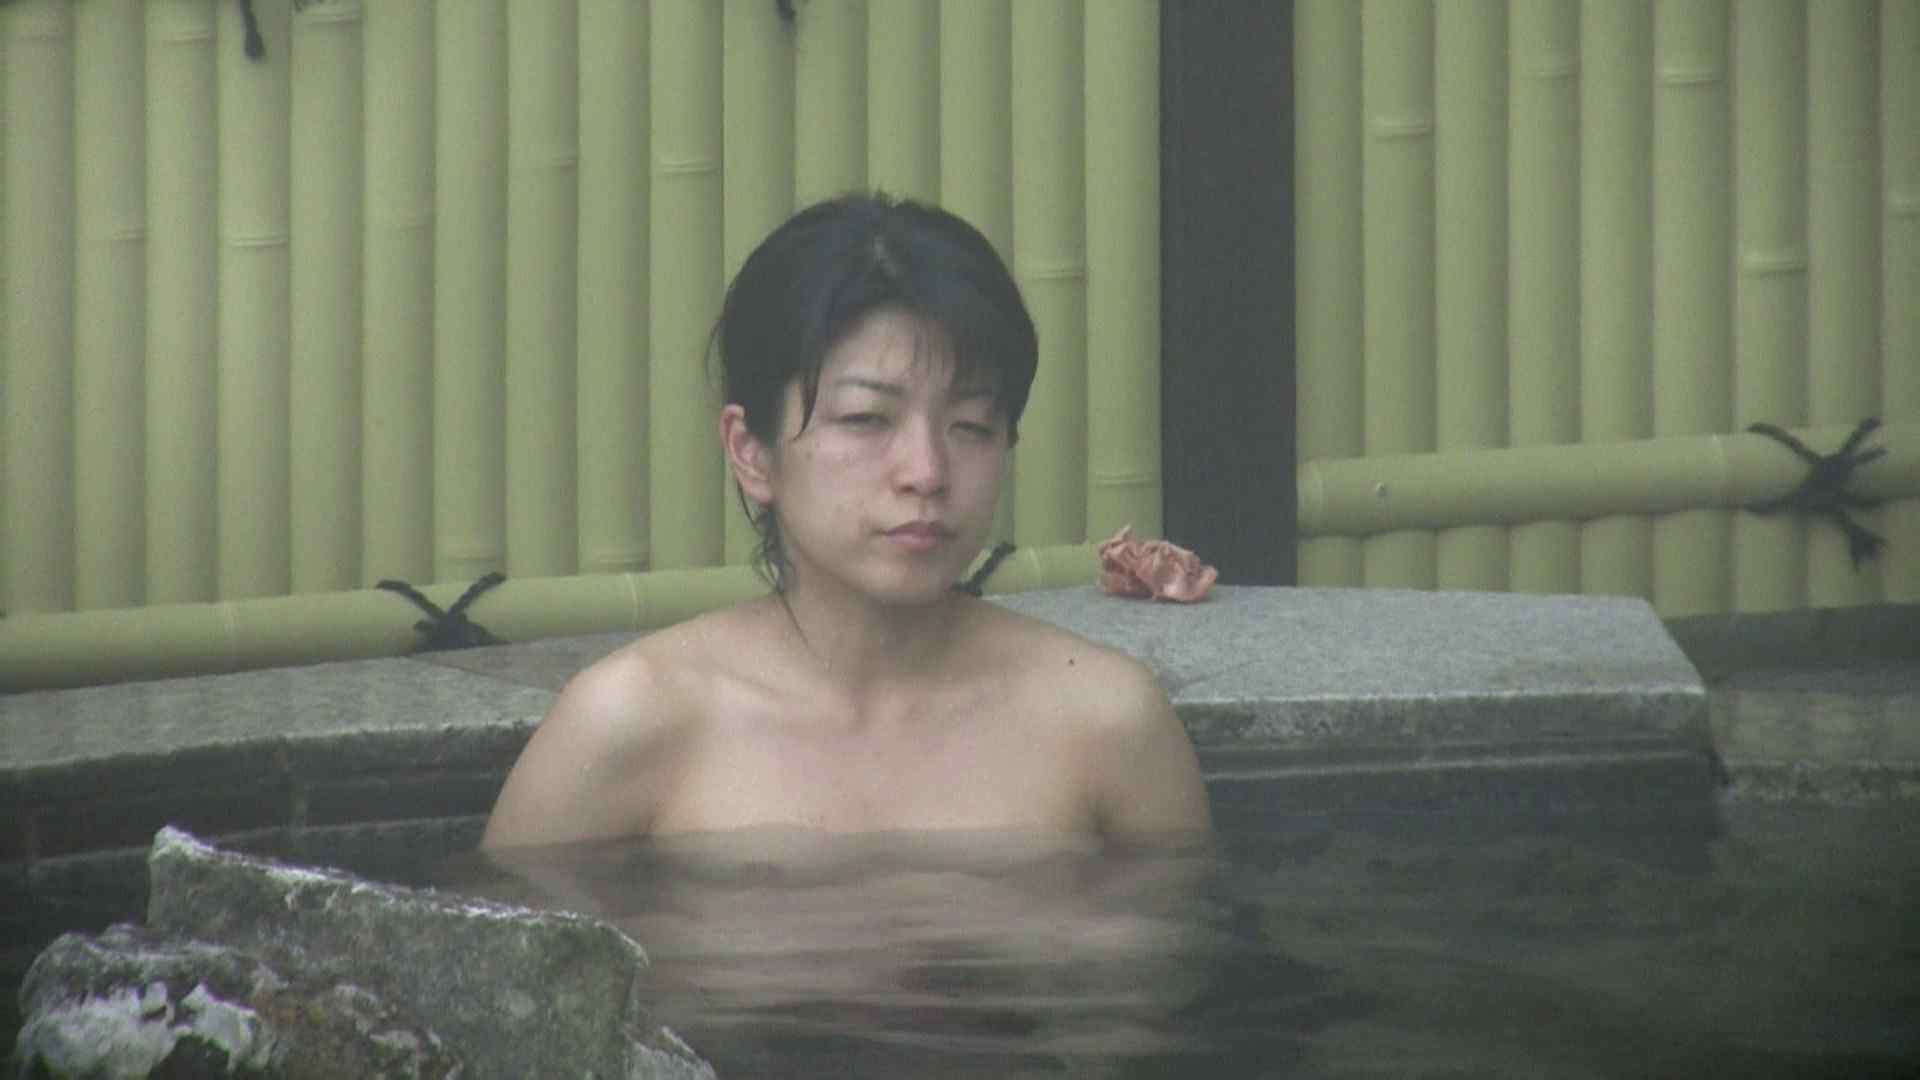 Aquaな露天風呂Vol.585 盗撮  51画像 48